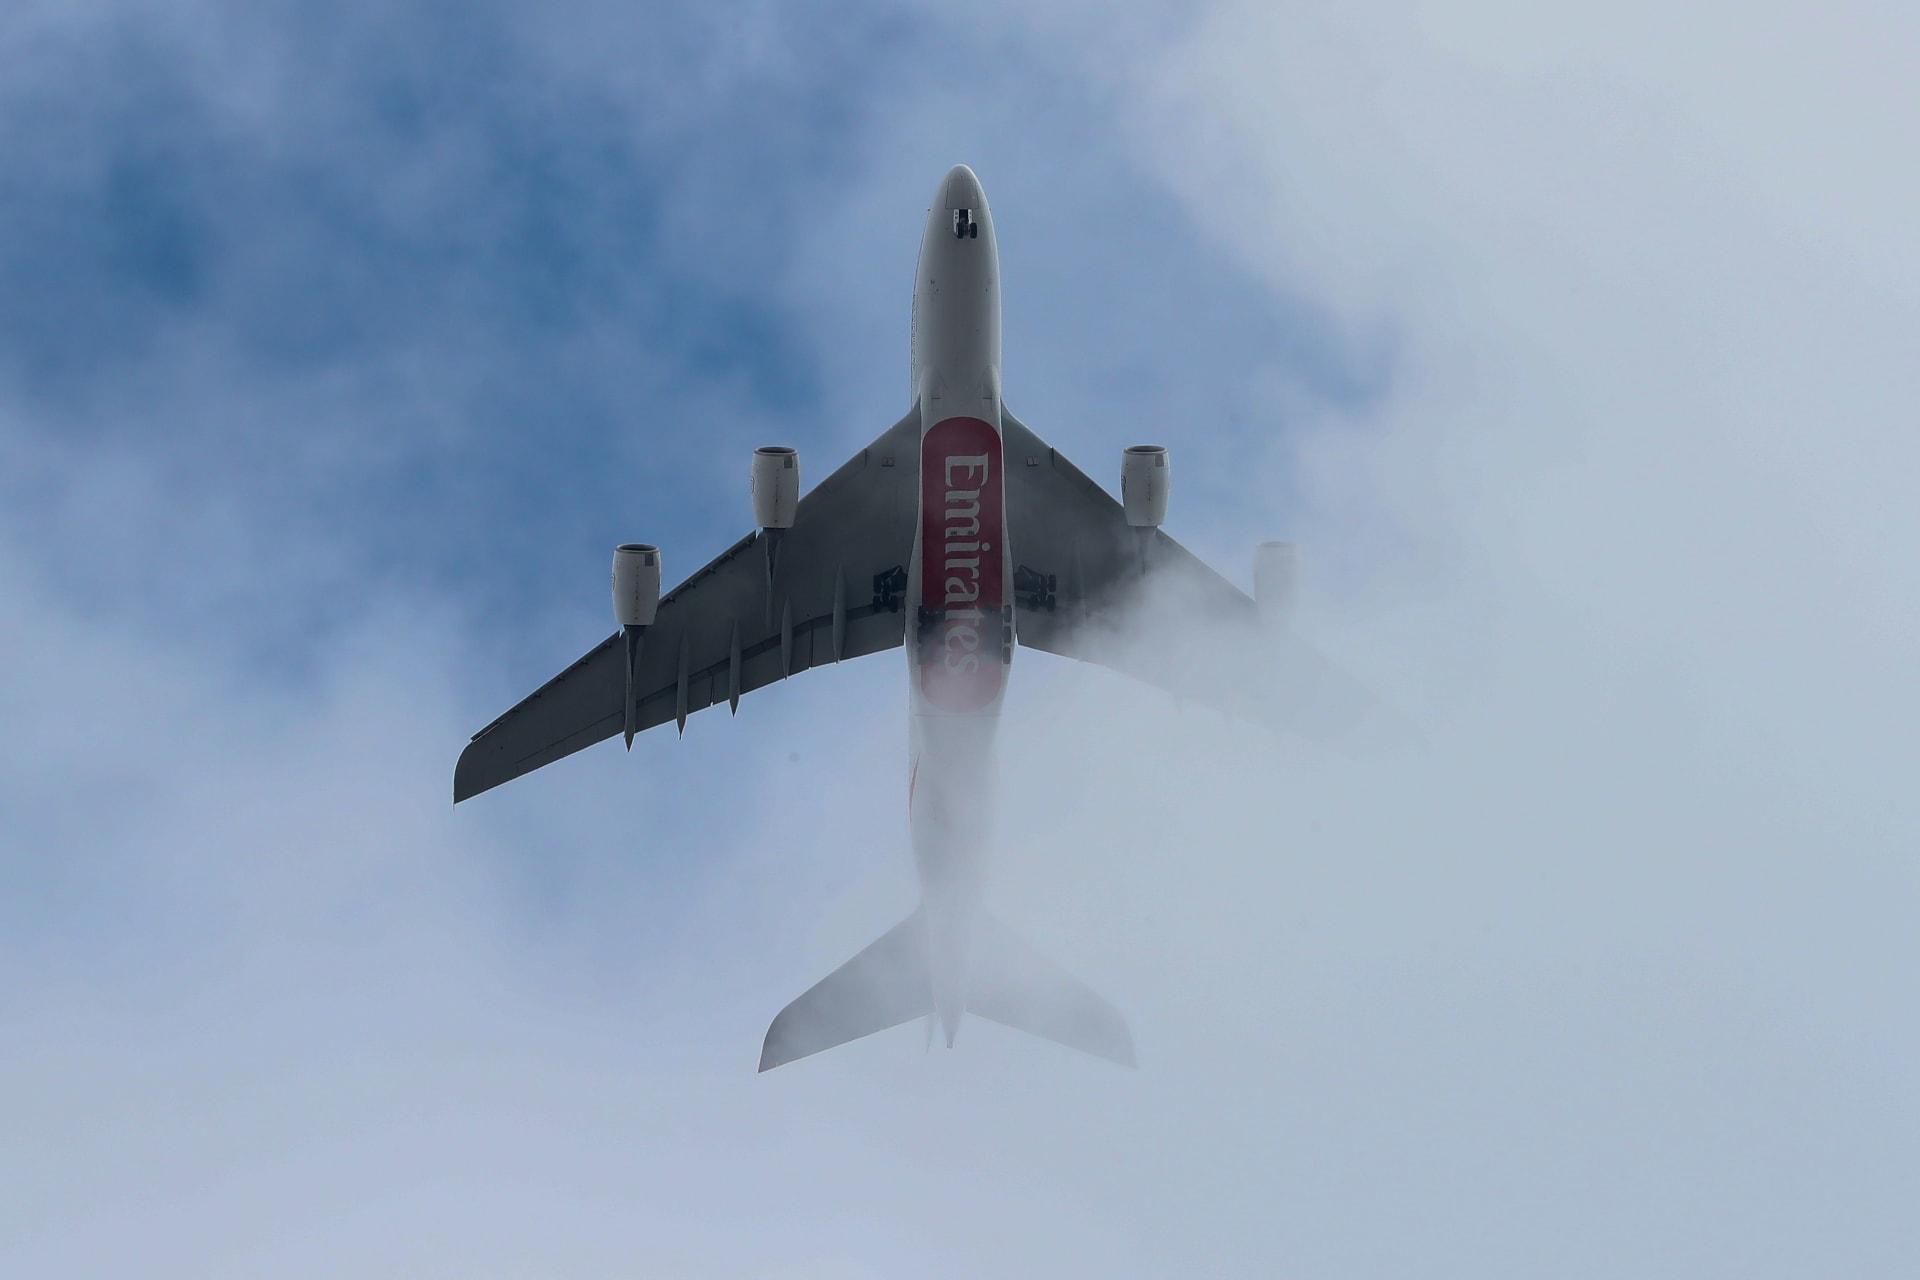 طائرة ركاب تابعة لشركة طيران الإمارات تحلق فوق وسط لندن في 19 مارس 2019